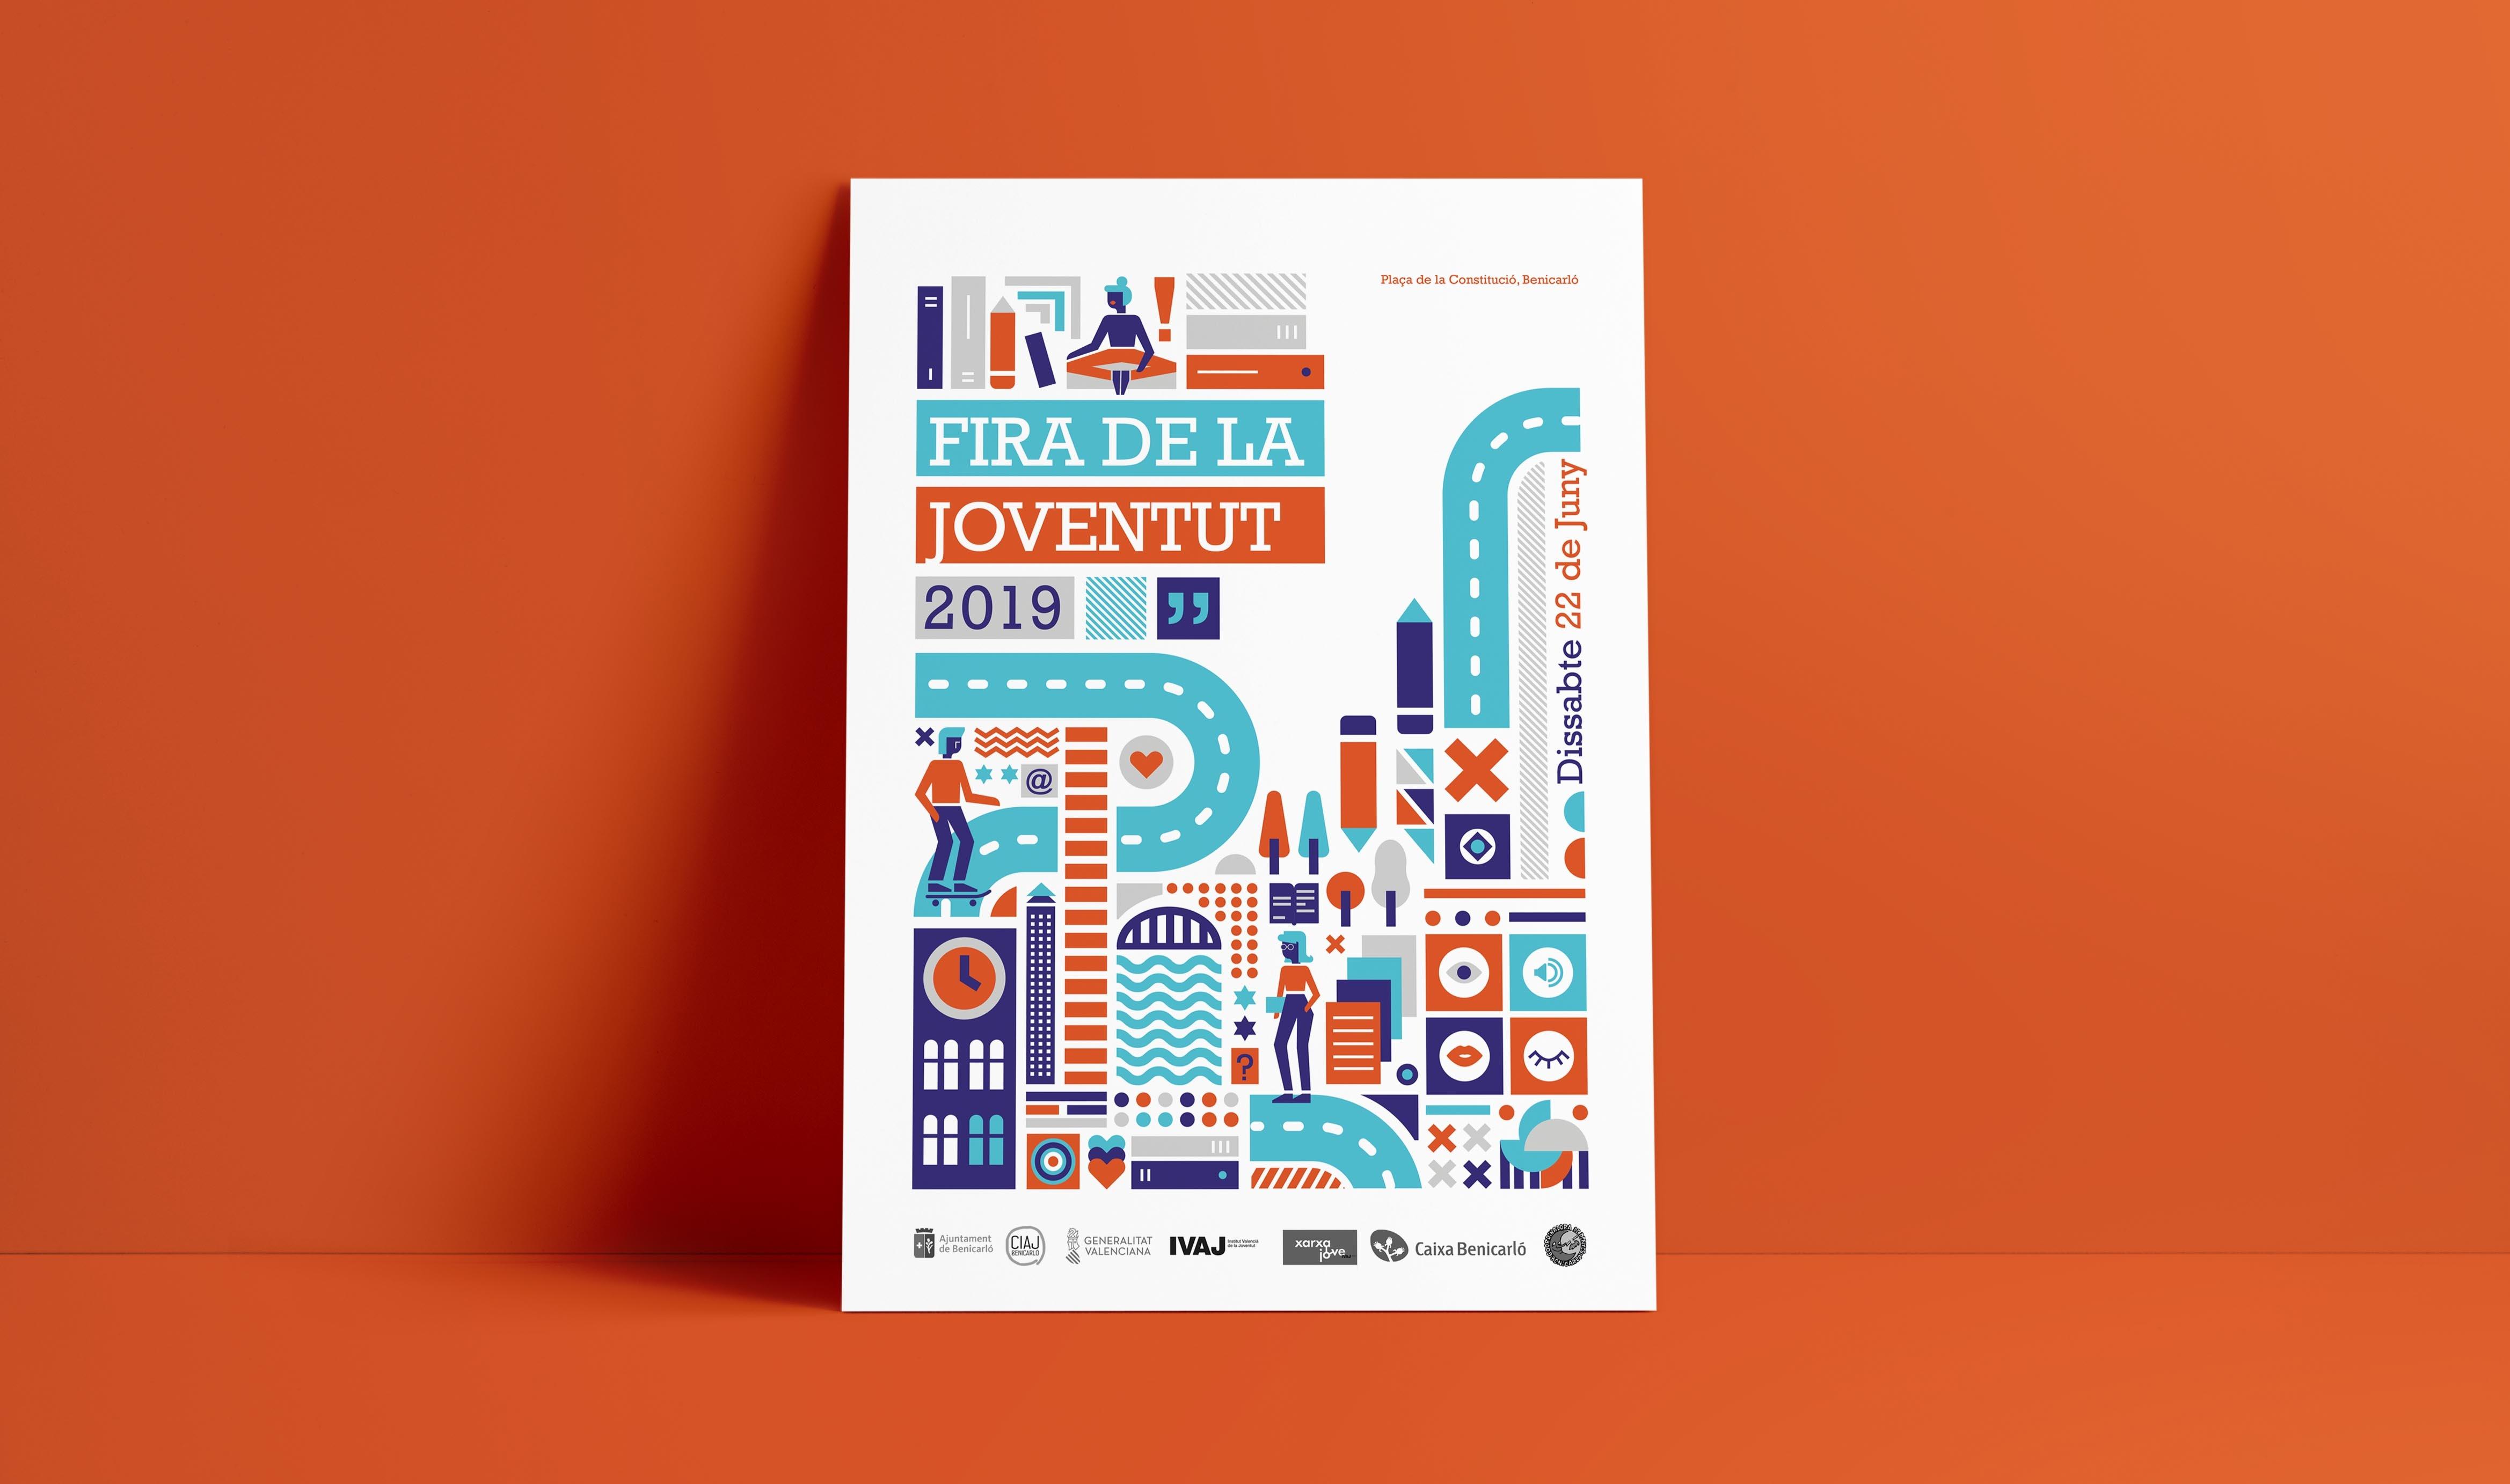 Fira de la Joventut, cartel con diseño geométrico diseñado para la feria de la juventud